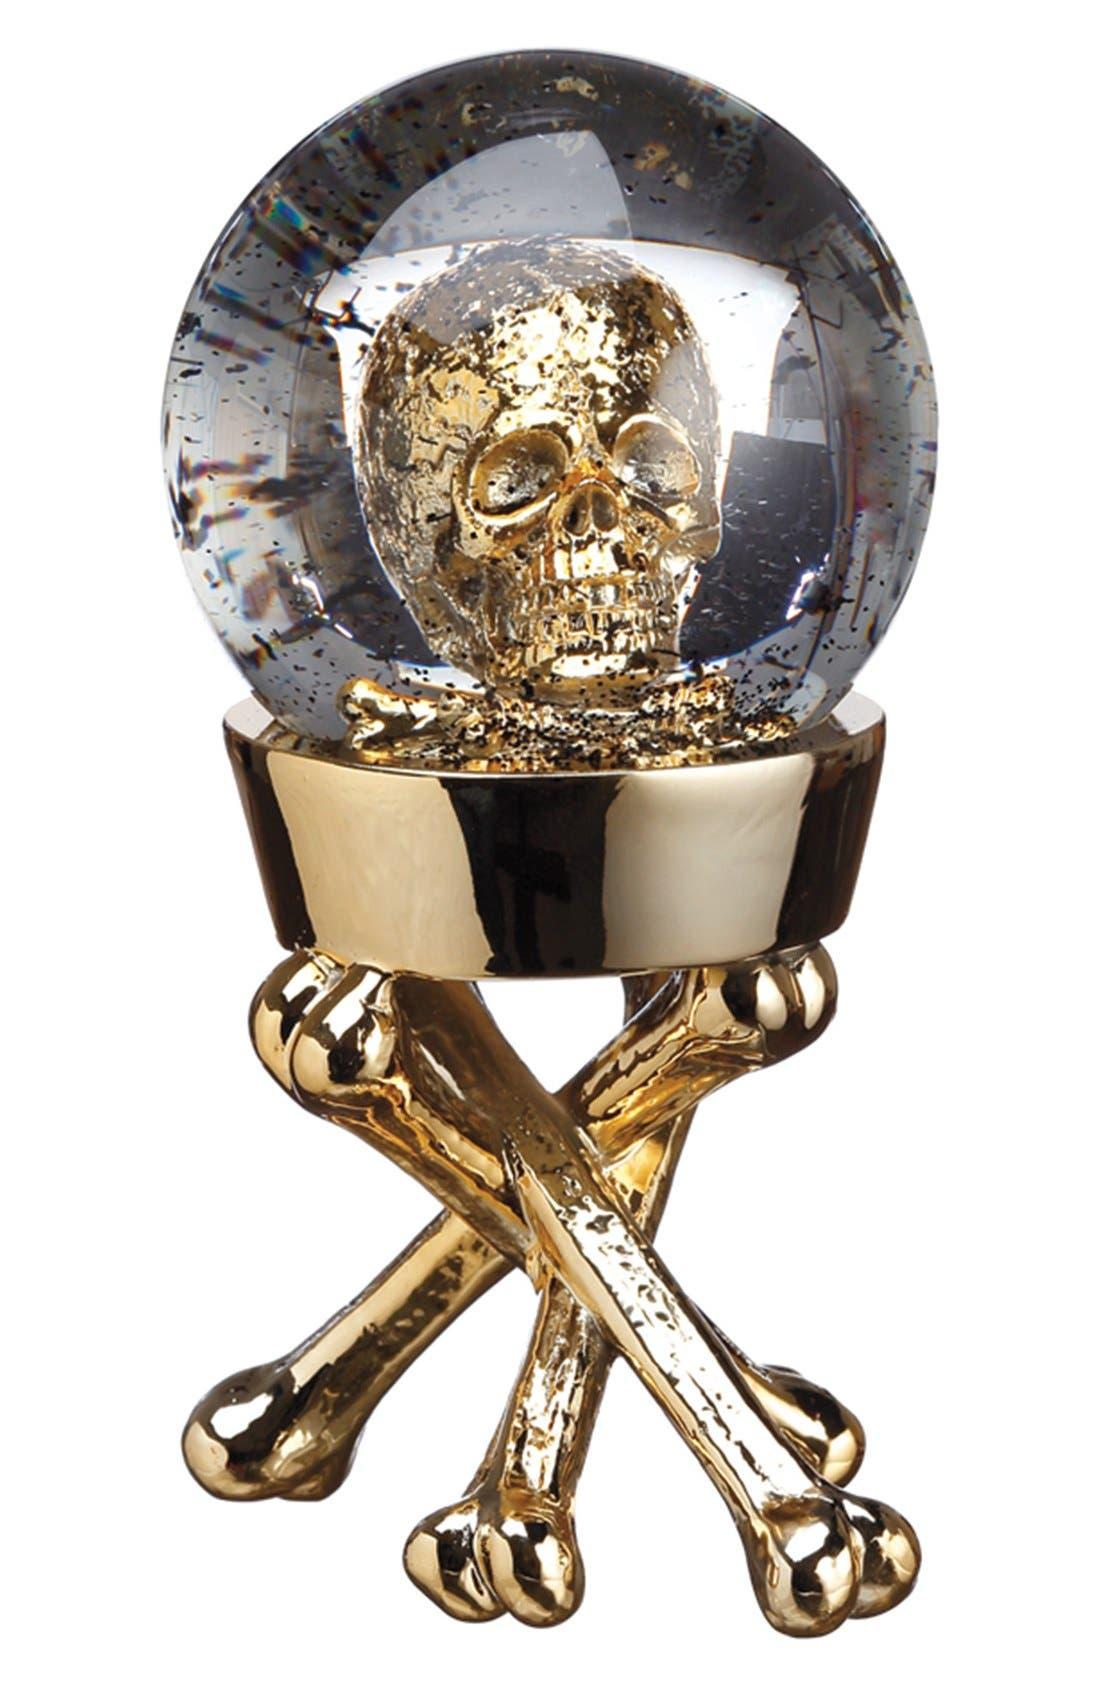 Alternate Image 1 Selected - ALLSTATE Skull Globe Decoration